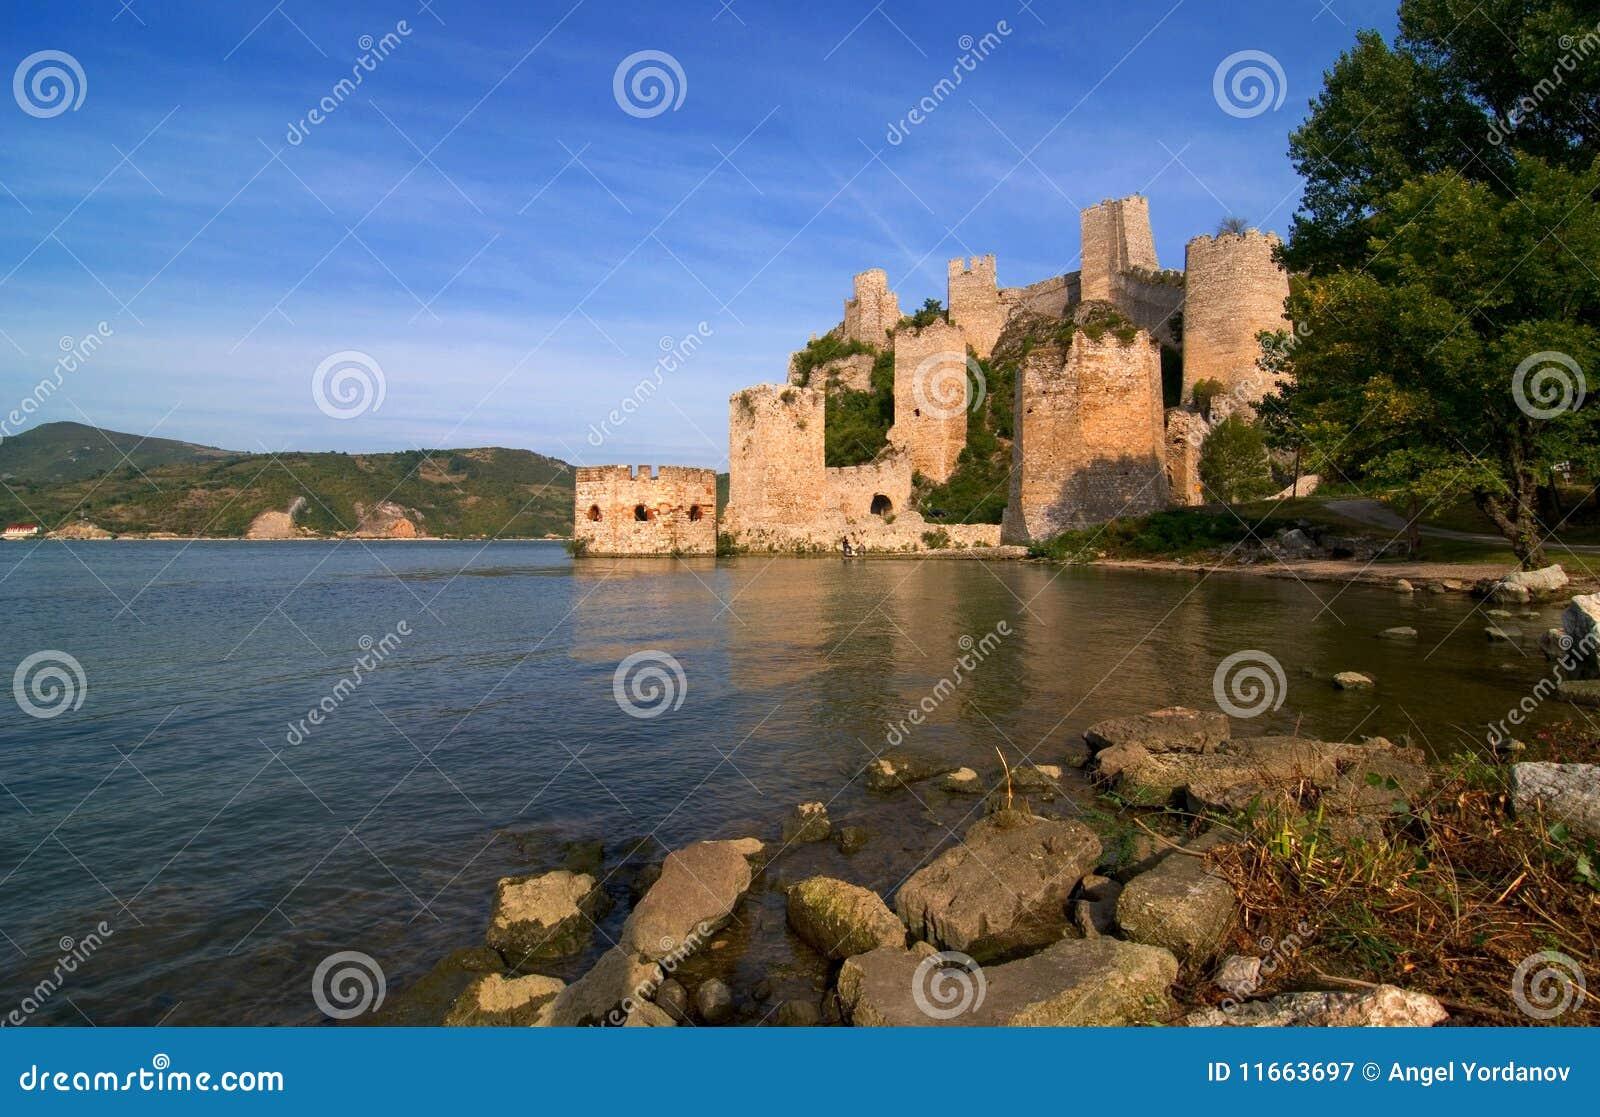 Golubac castle on Danube river in Serbia